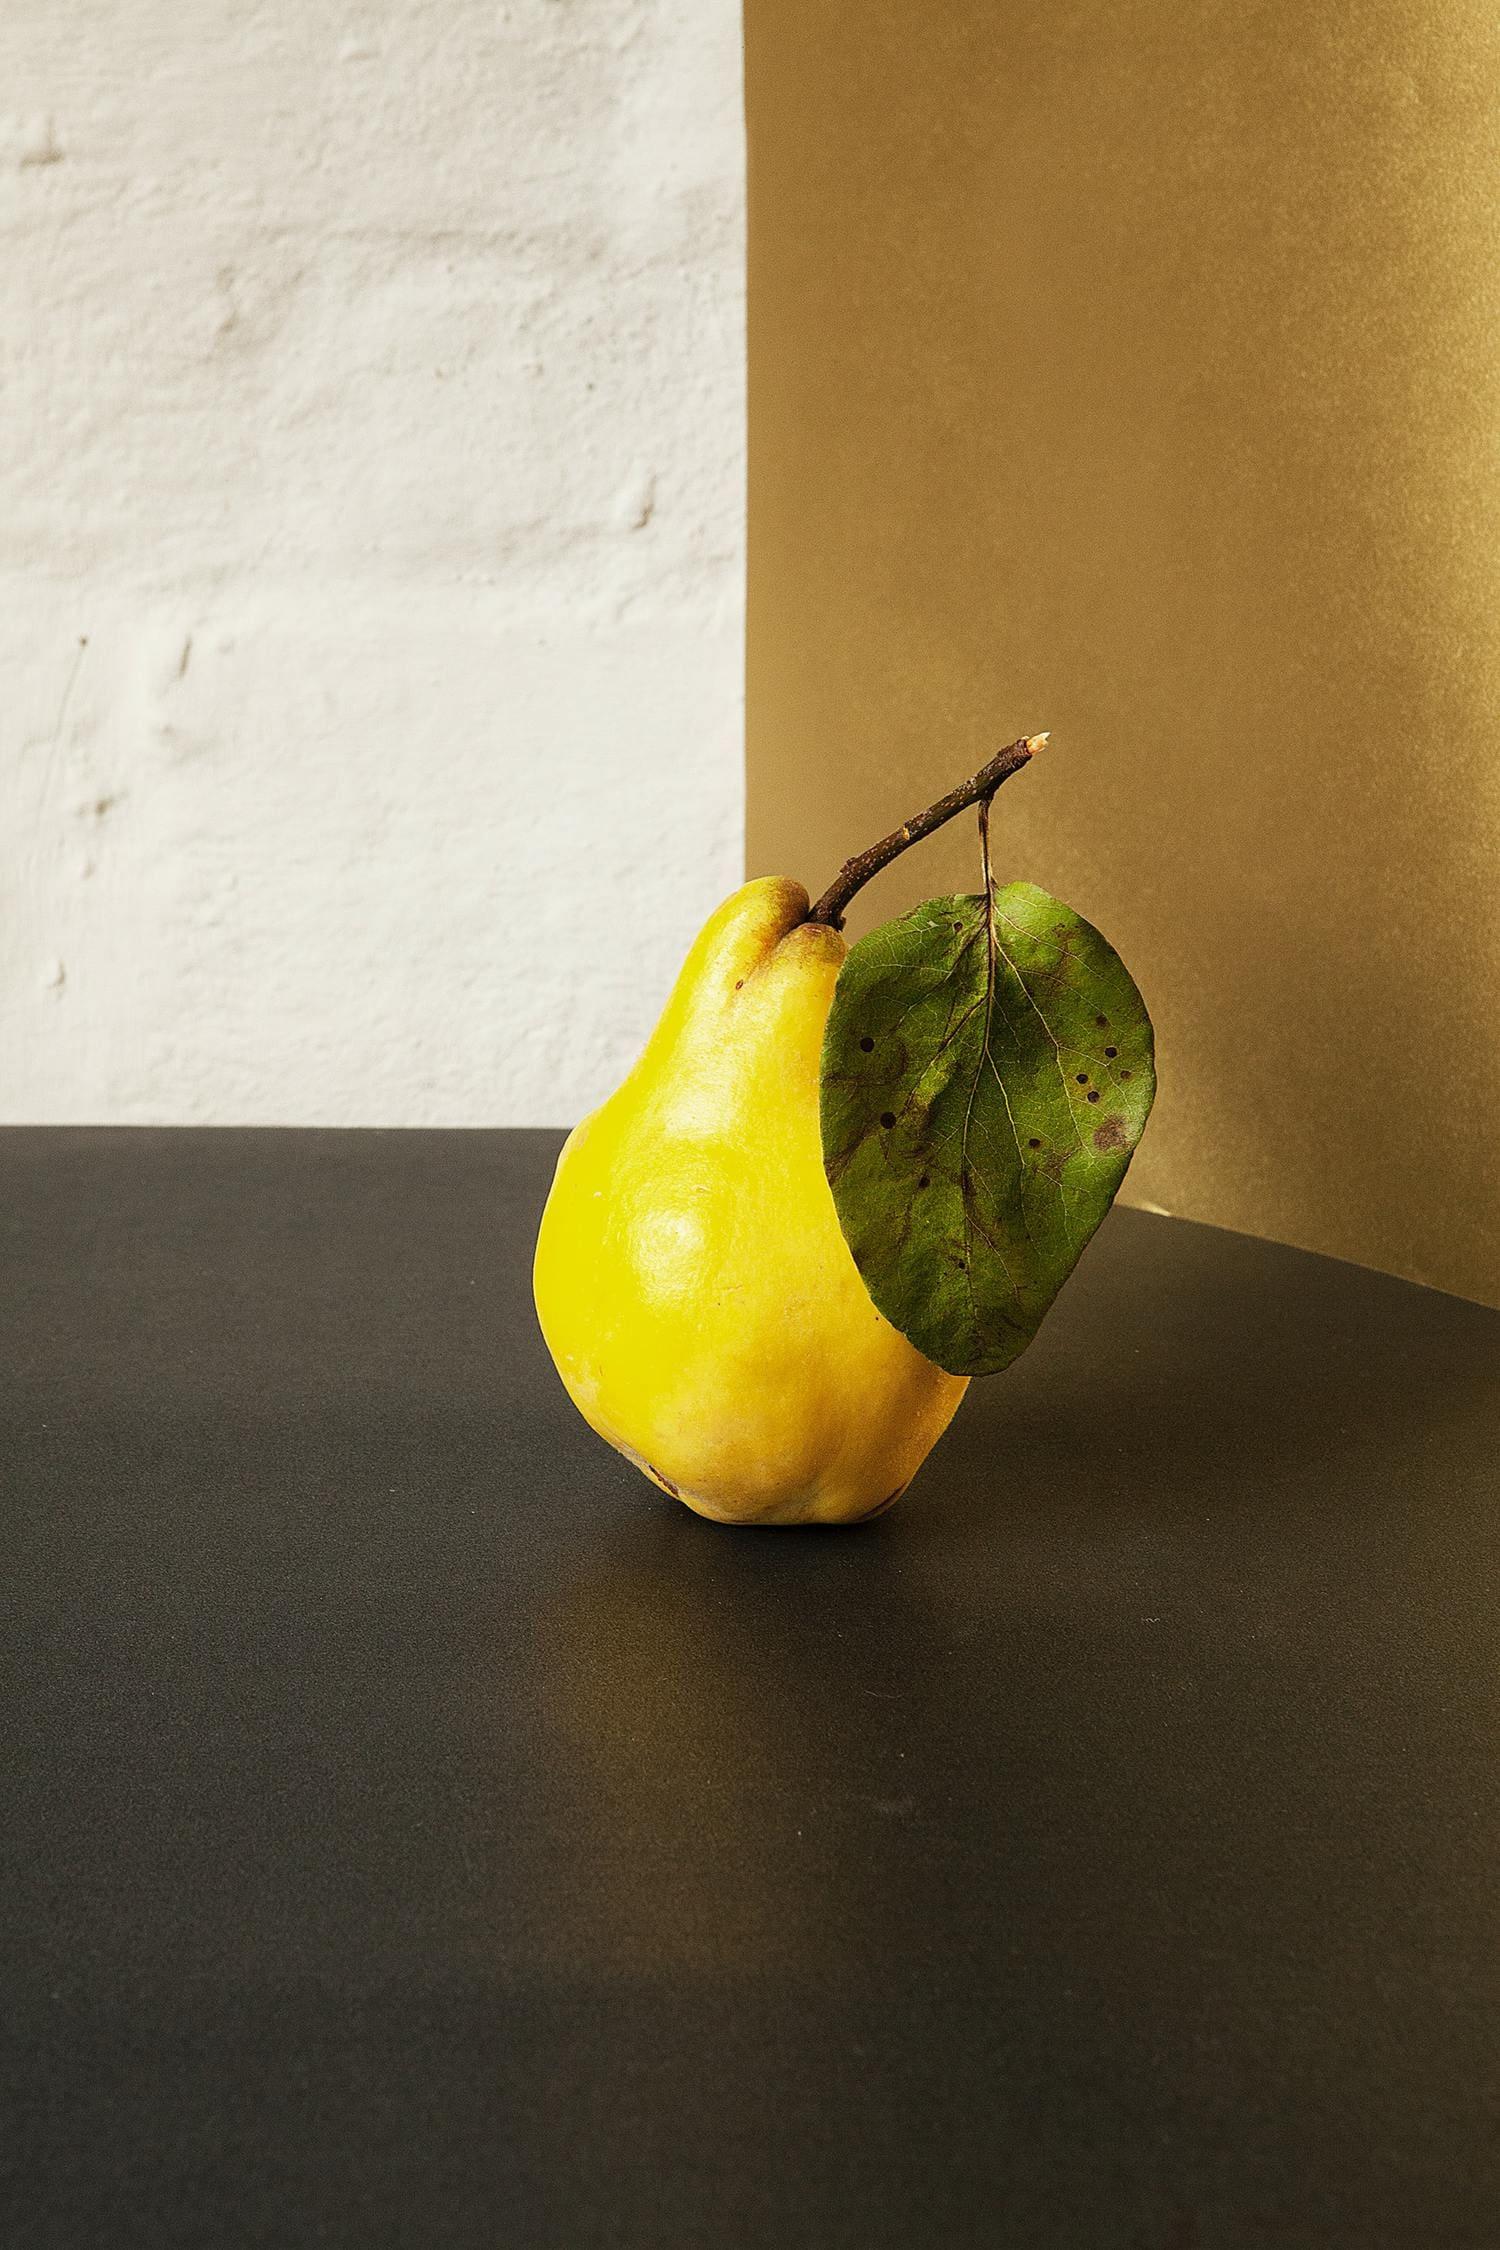 limón composición amarillo